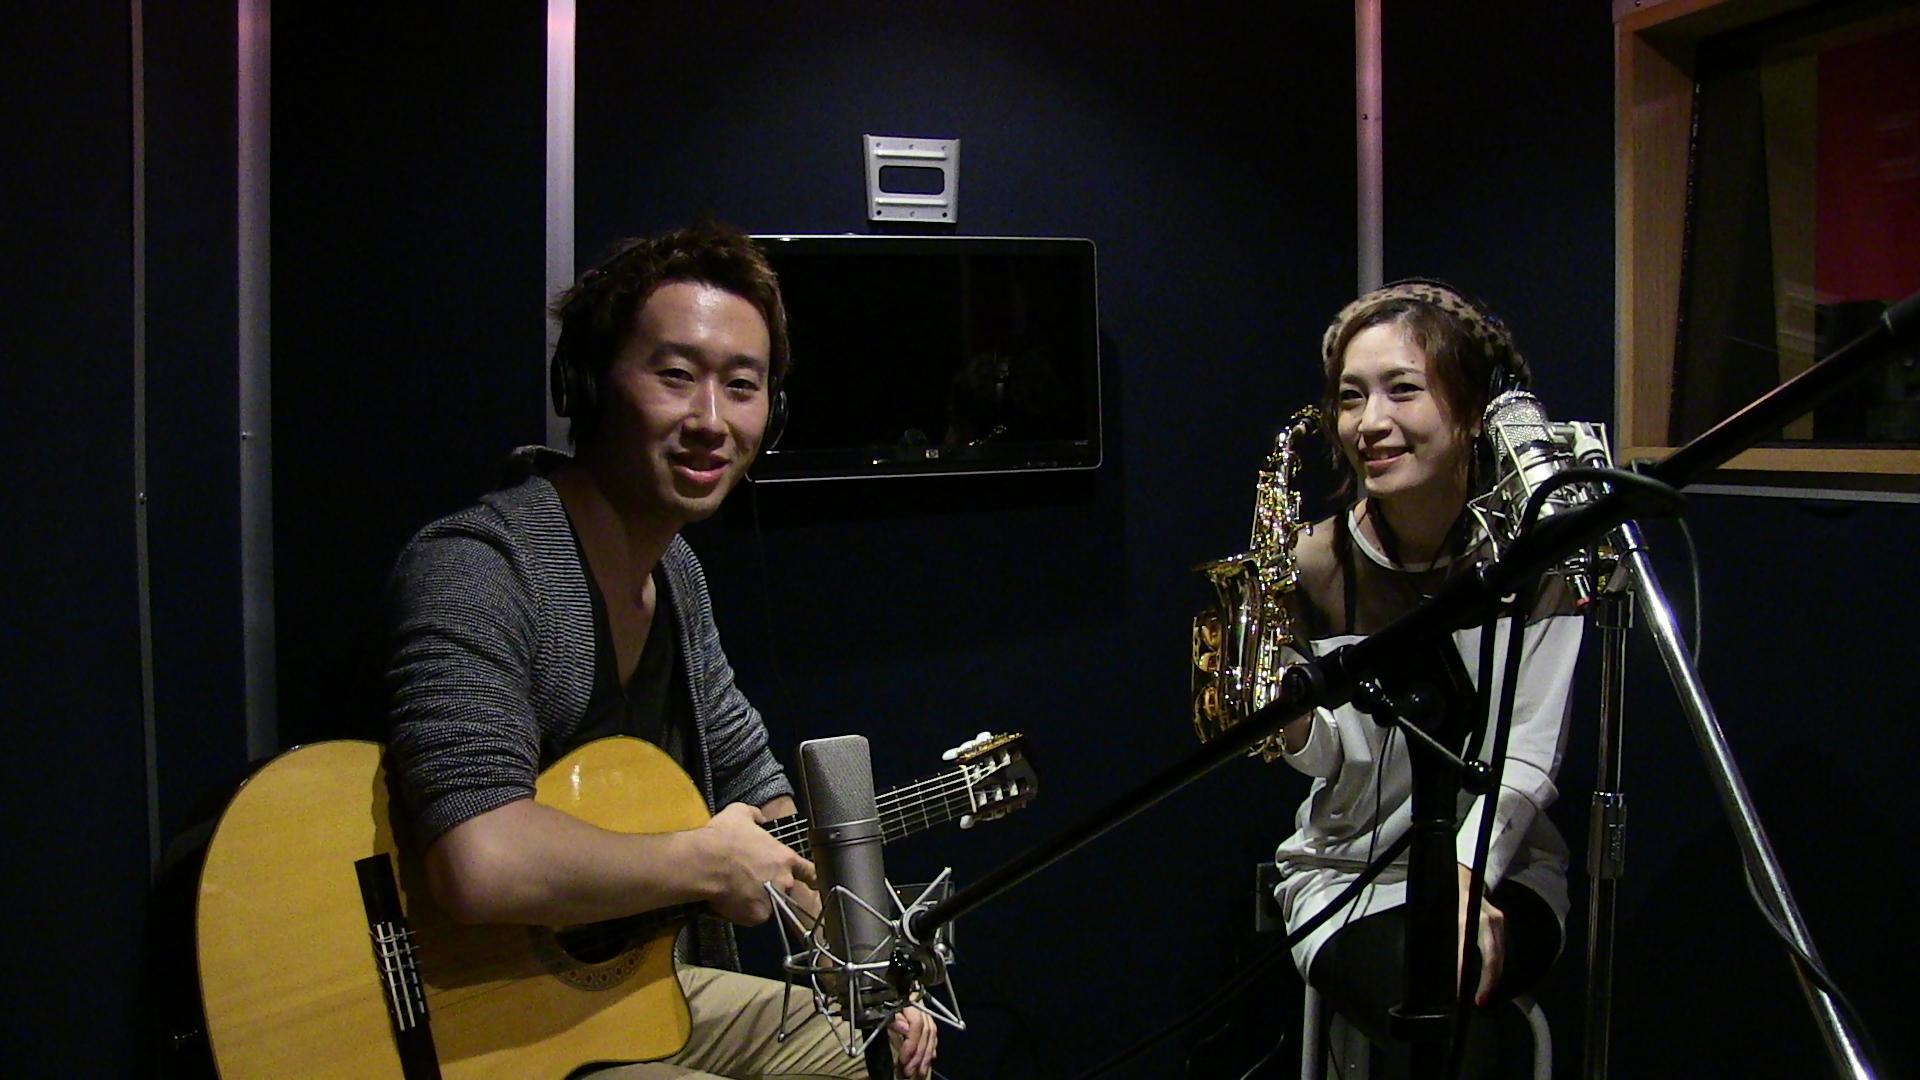 寺地美穂さんと録音しました!